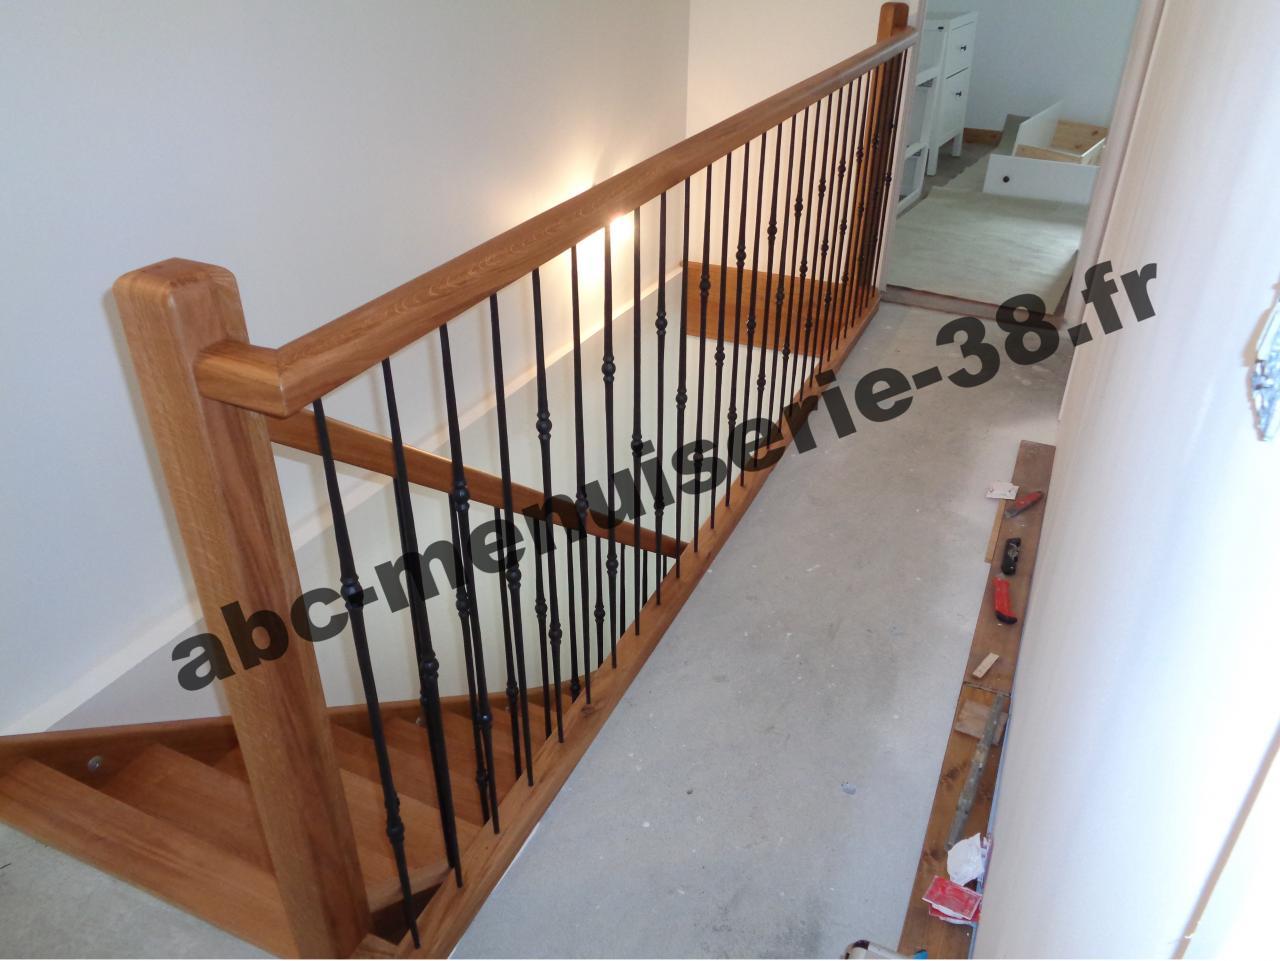 garde corps en fer rampes duescalier et gardecorps en fer forg clbre garde corps en fer forg. Black Bedroom Furniture Sets. Home Design Ideas